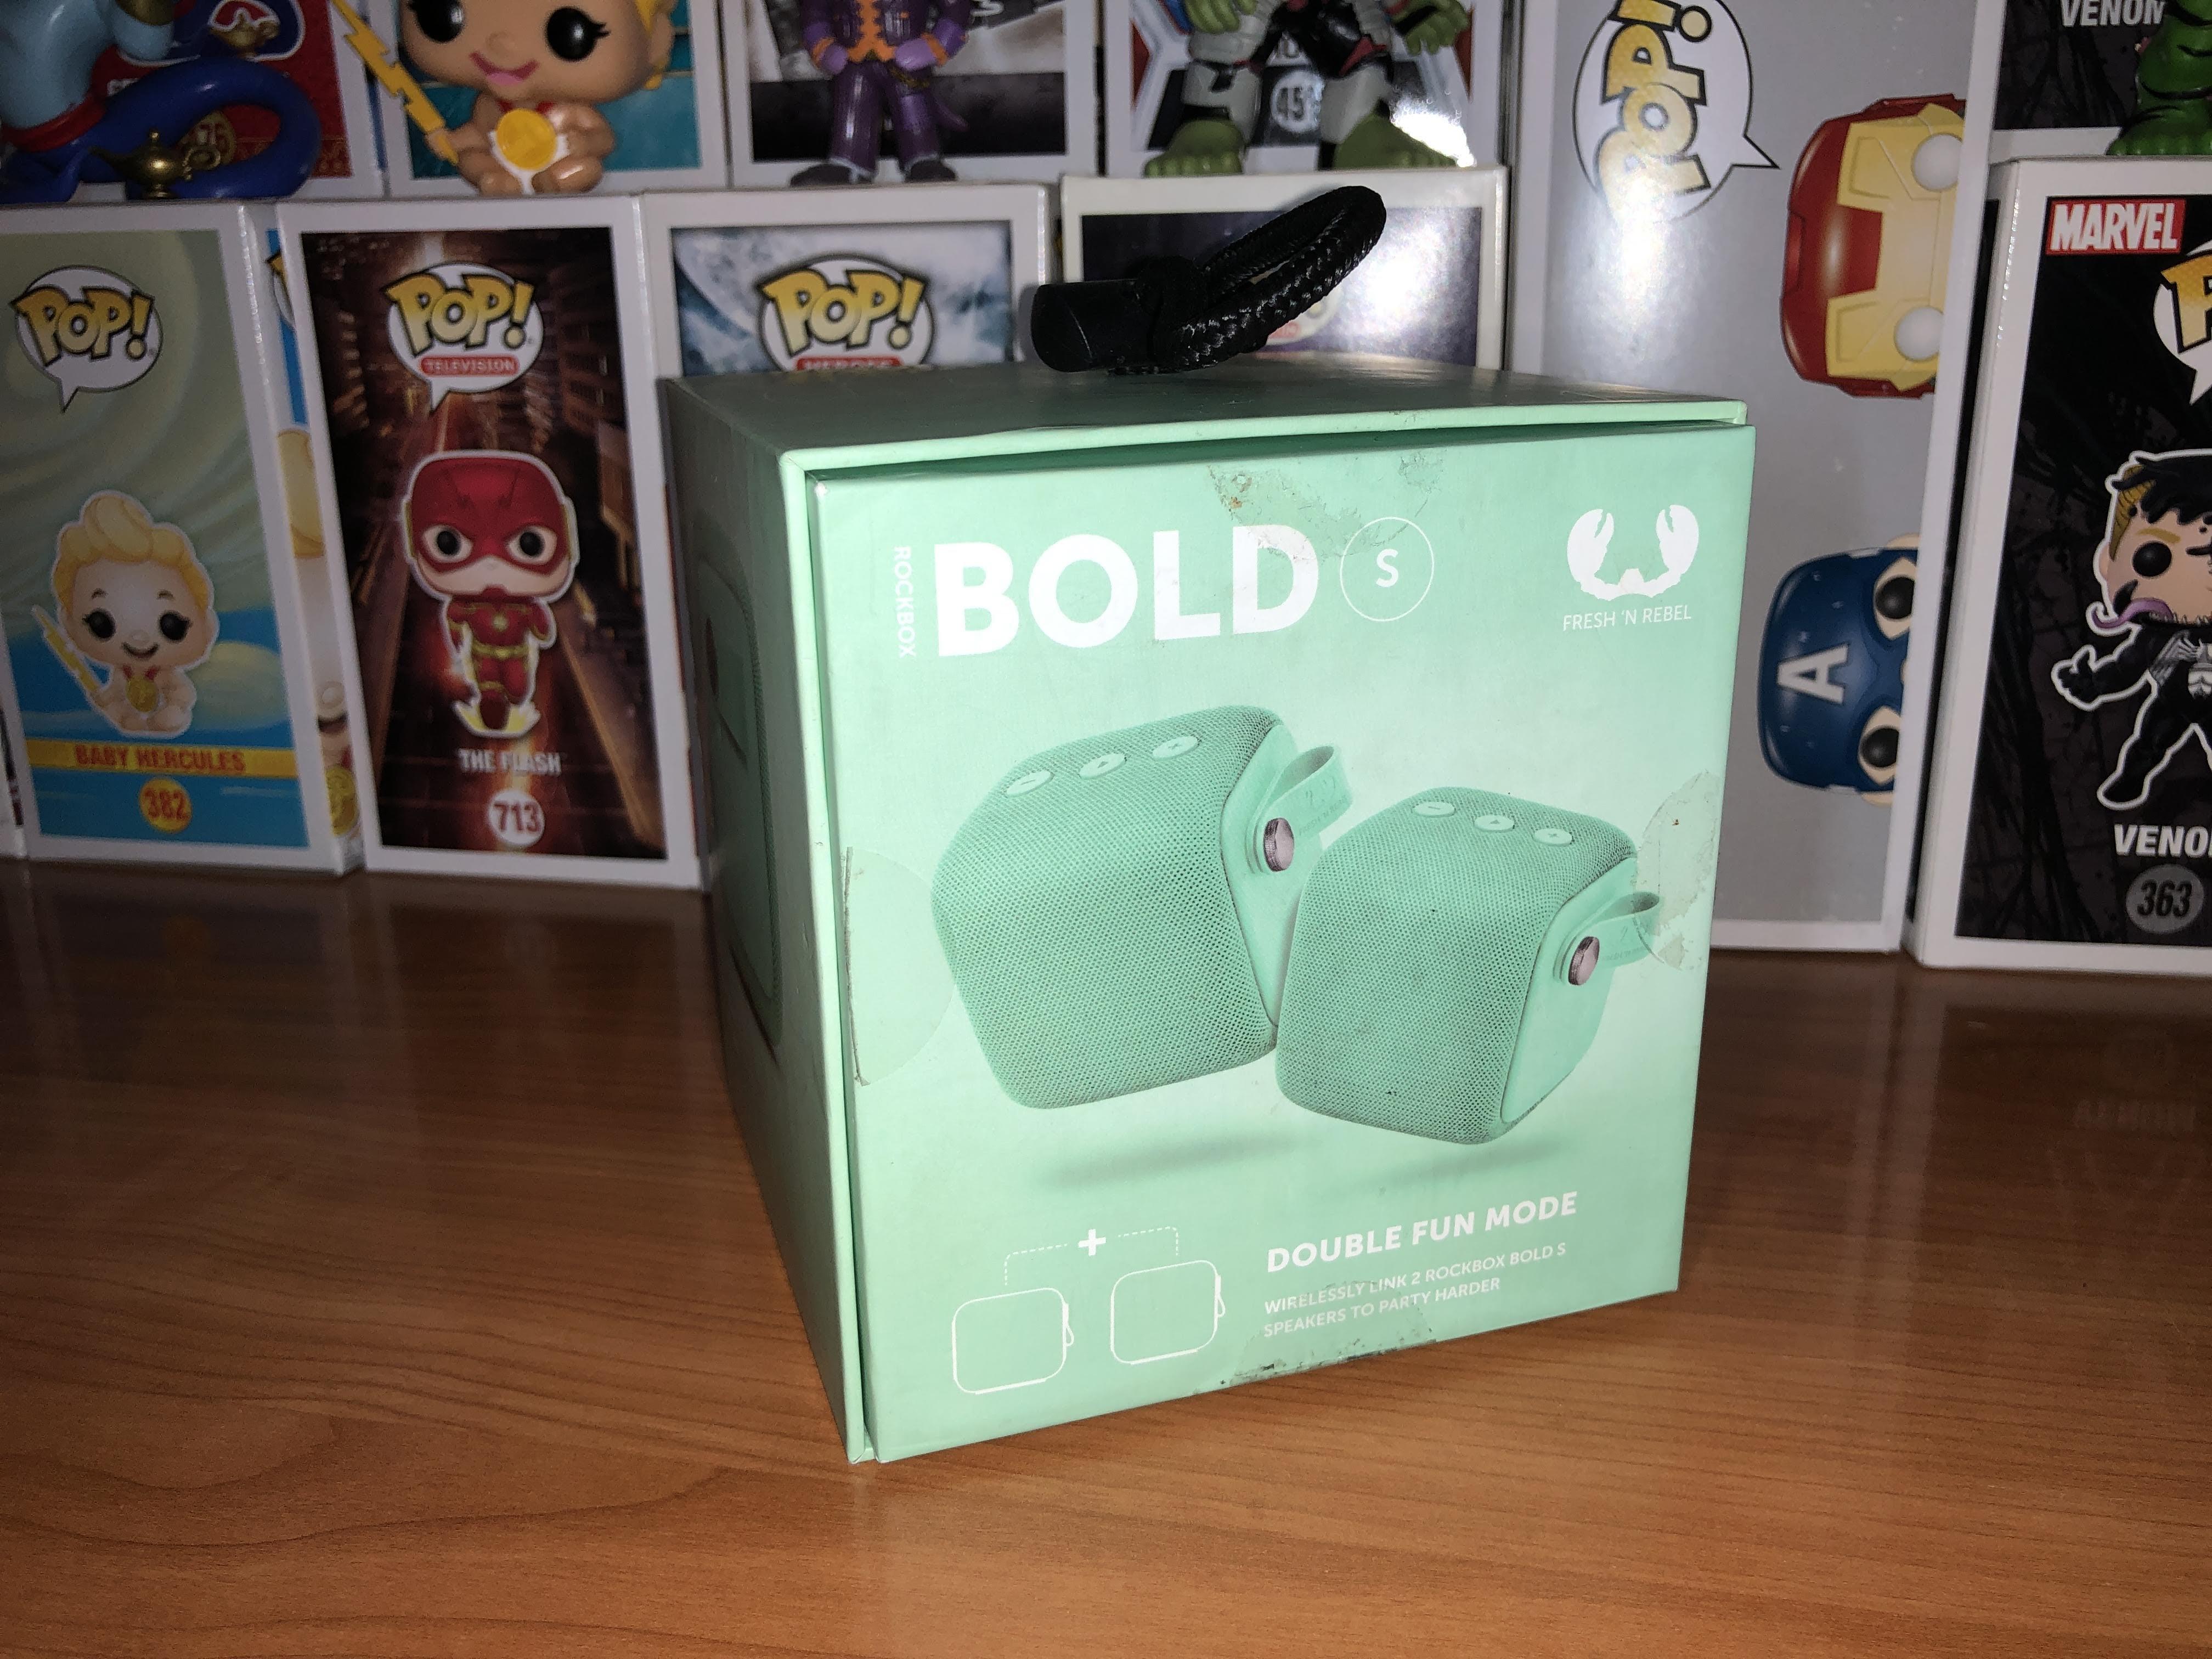 Recensione Rockbox Bold S - Lo Speaker Compatto Di Fresh'N Rebel 4 - Hynerd.it